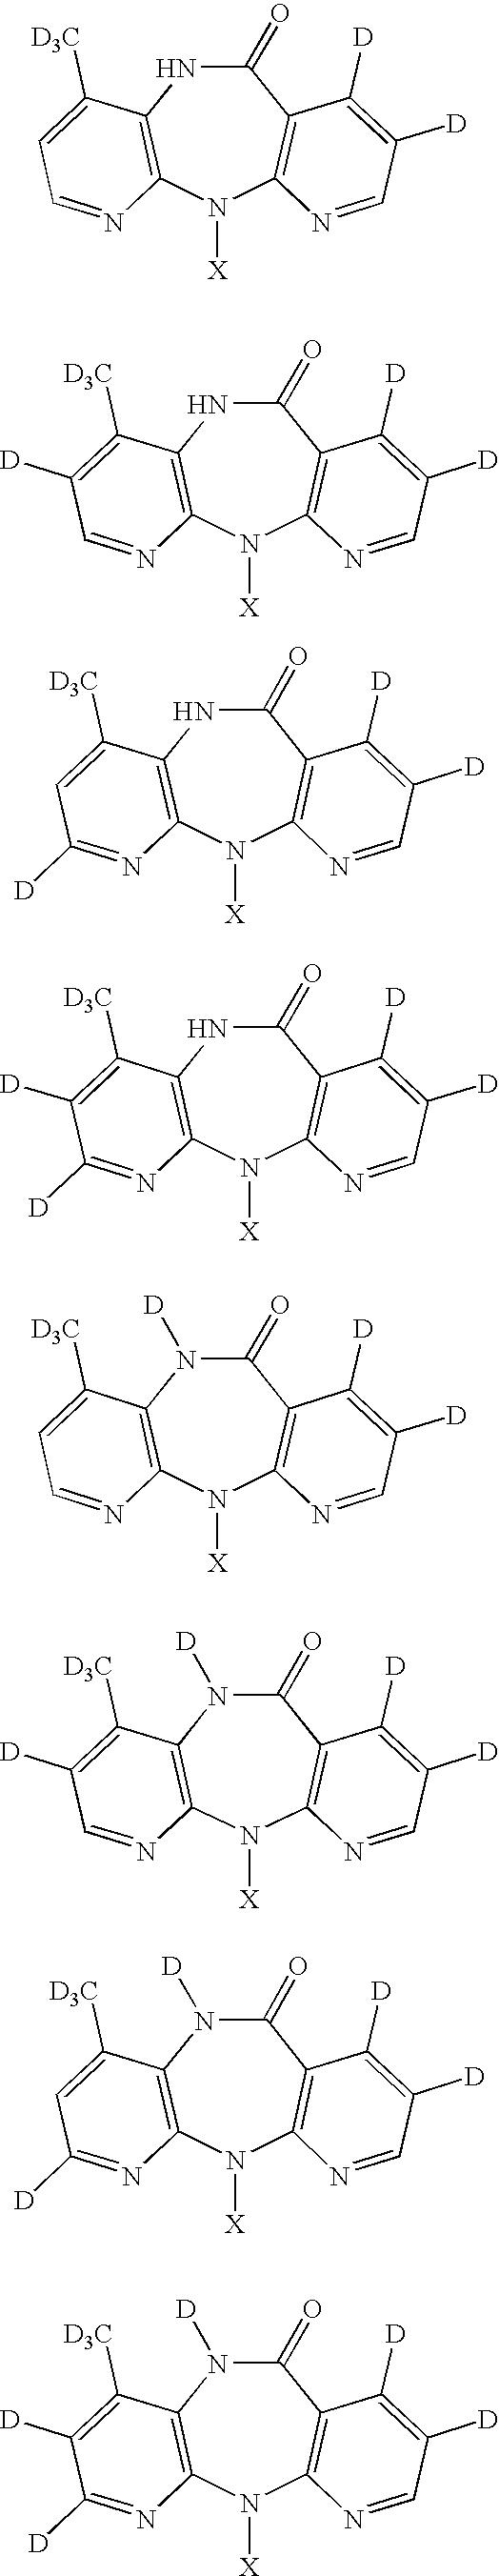 Figure US20080241289A1-20081002-C00008